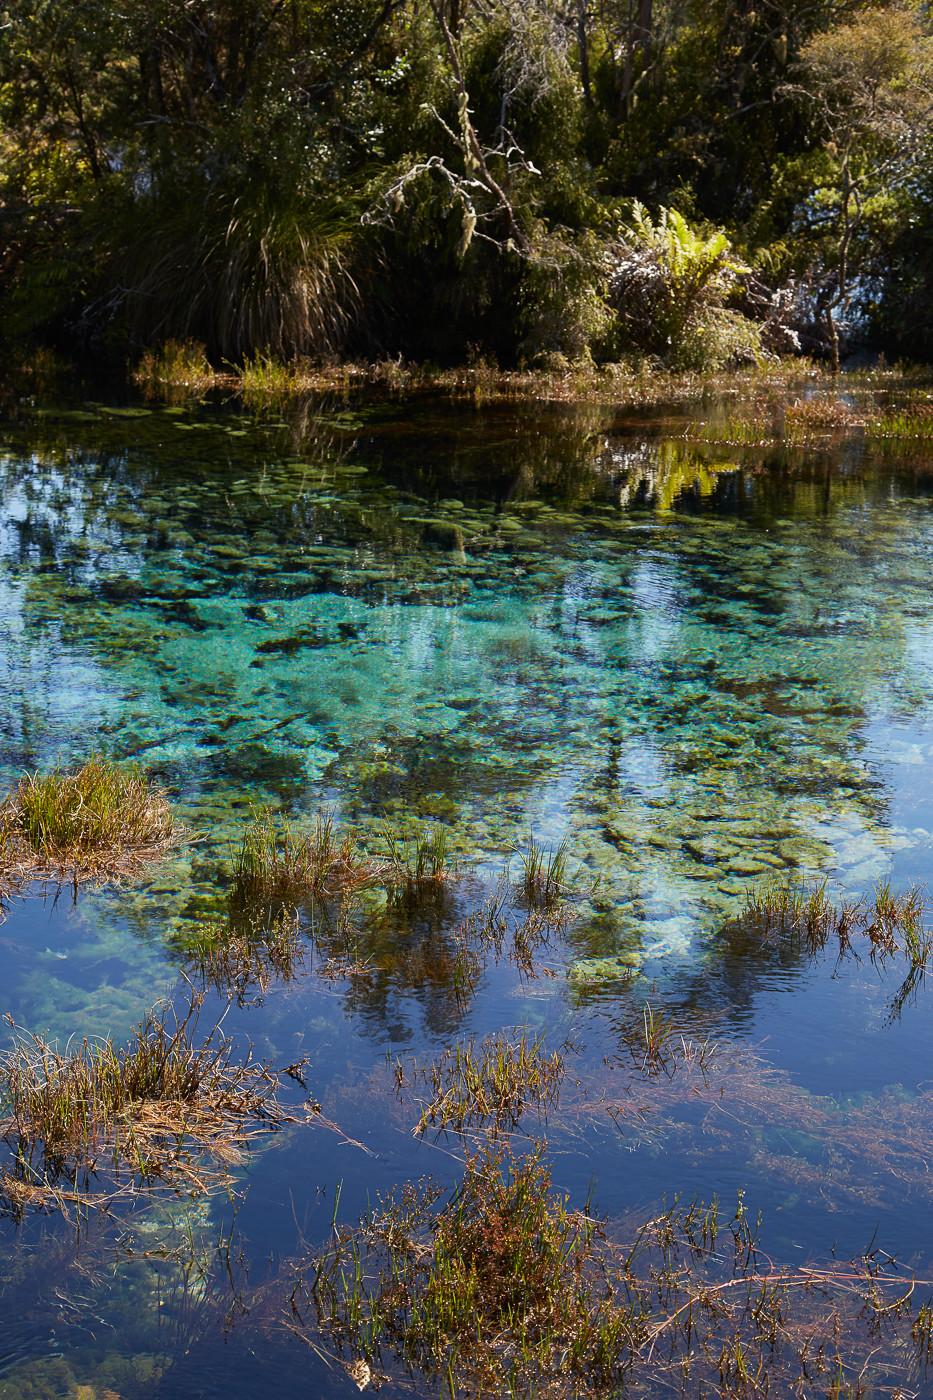 Die Te Waikoropupū Springs auch Pupu Springs in Neuseeland sind ein Ziel etwas abseits der klassischen Touristenpfade auf Neuseelands Südinsel. Die Seen sind berühmt für ihr extrem klares Wasser und die wunderschönn Farben, die sich im See abzeichnen